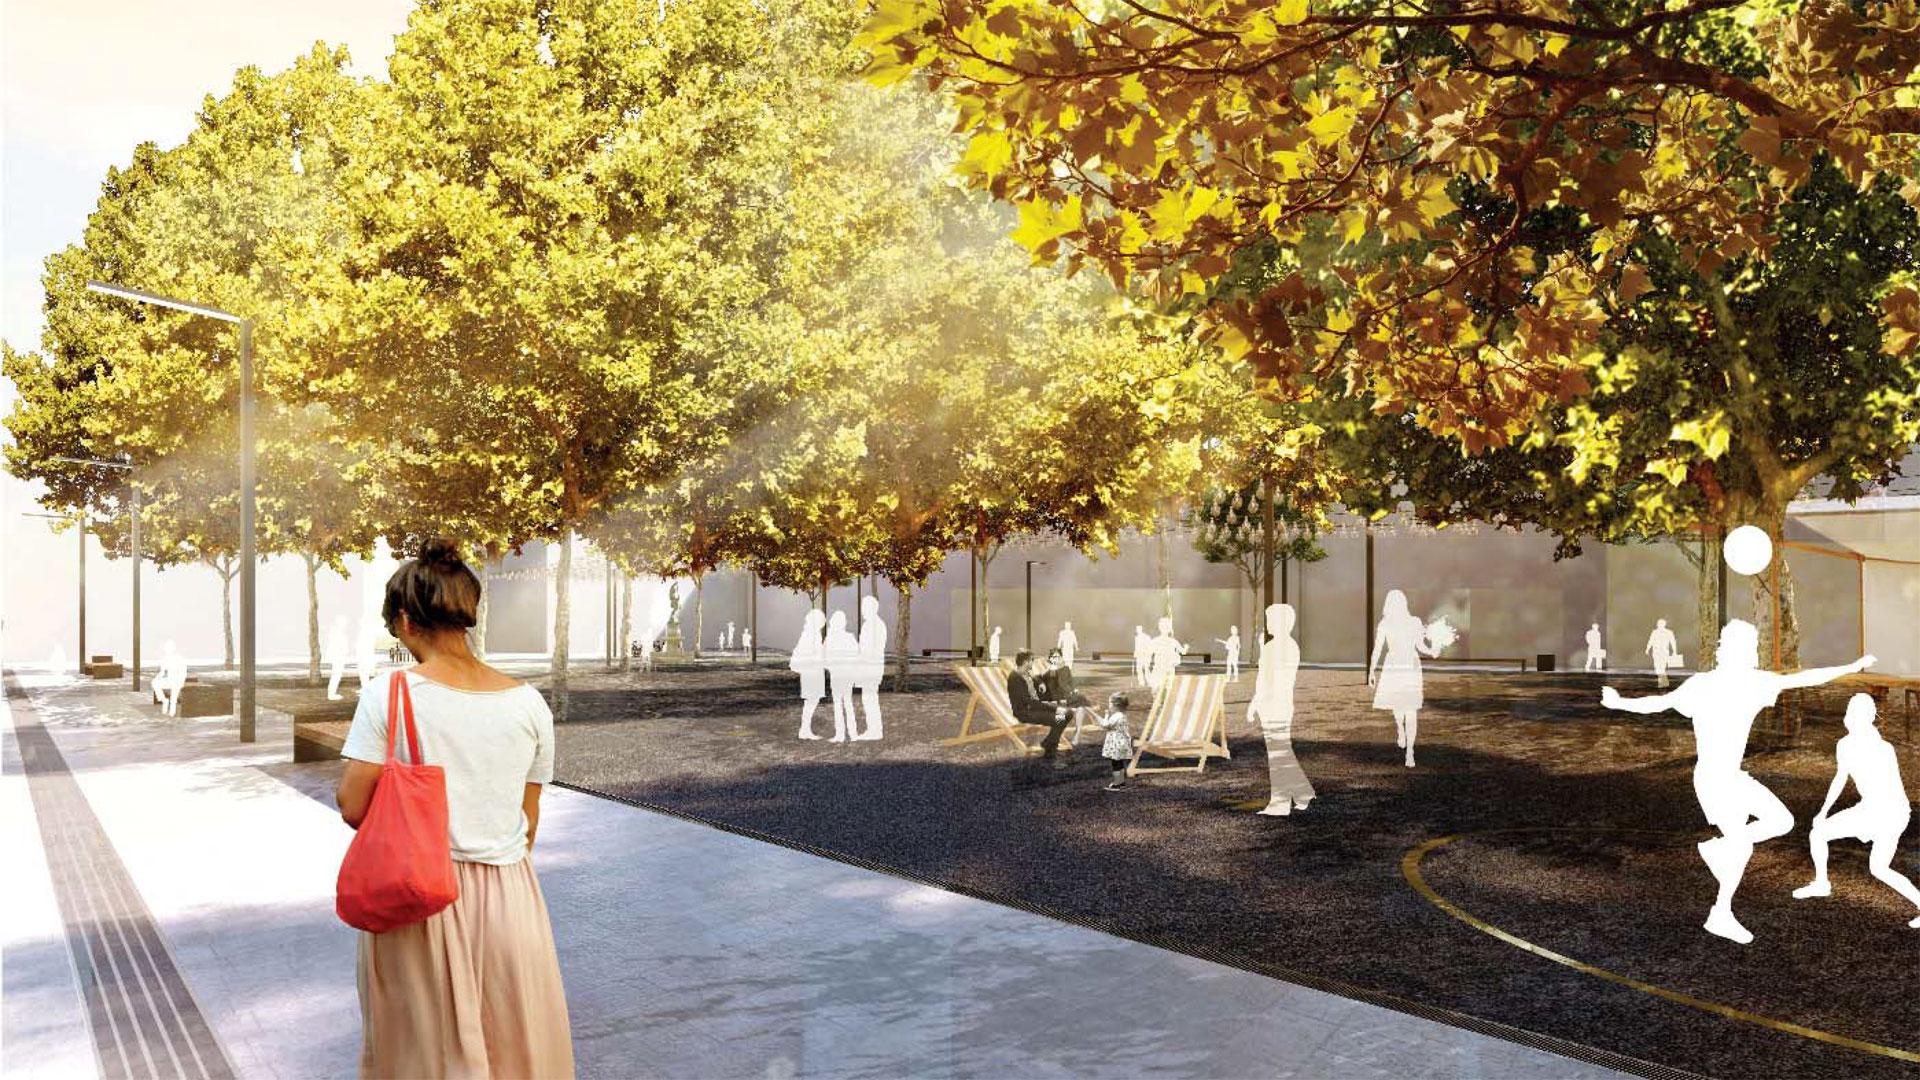 Das Planungsbüro Romboll Studio Dreiseitl würde den Neumarkt in Limburg wie abgebildet neugestalten. Grafik: Ramboll Studio Dreiseitl. © Stadt Limburg